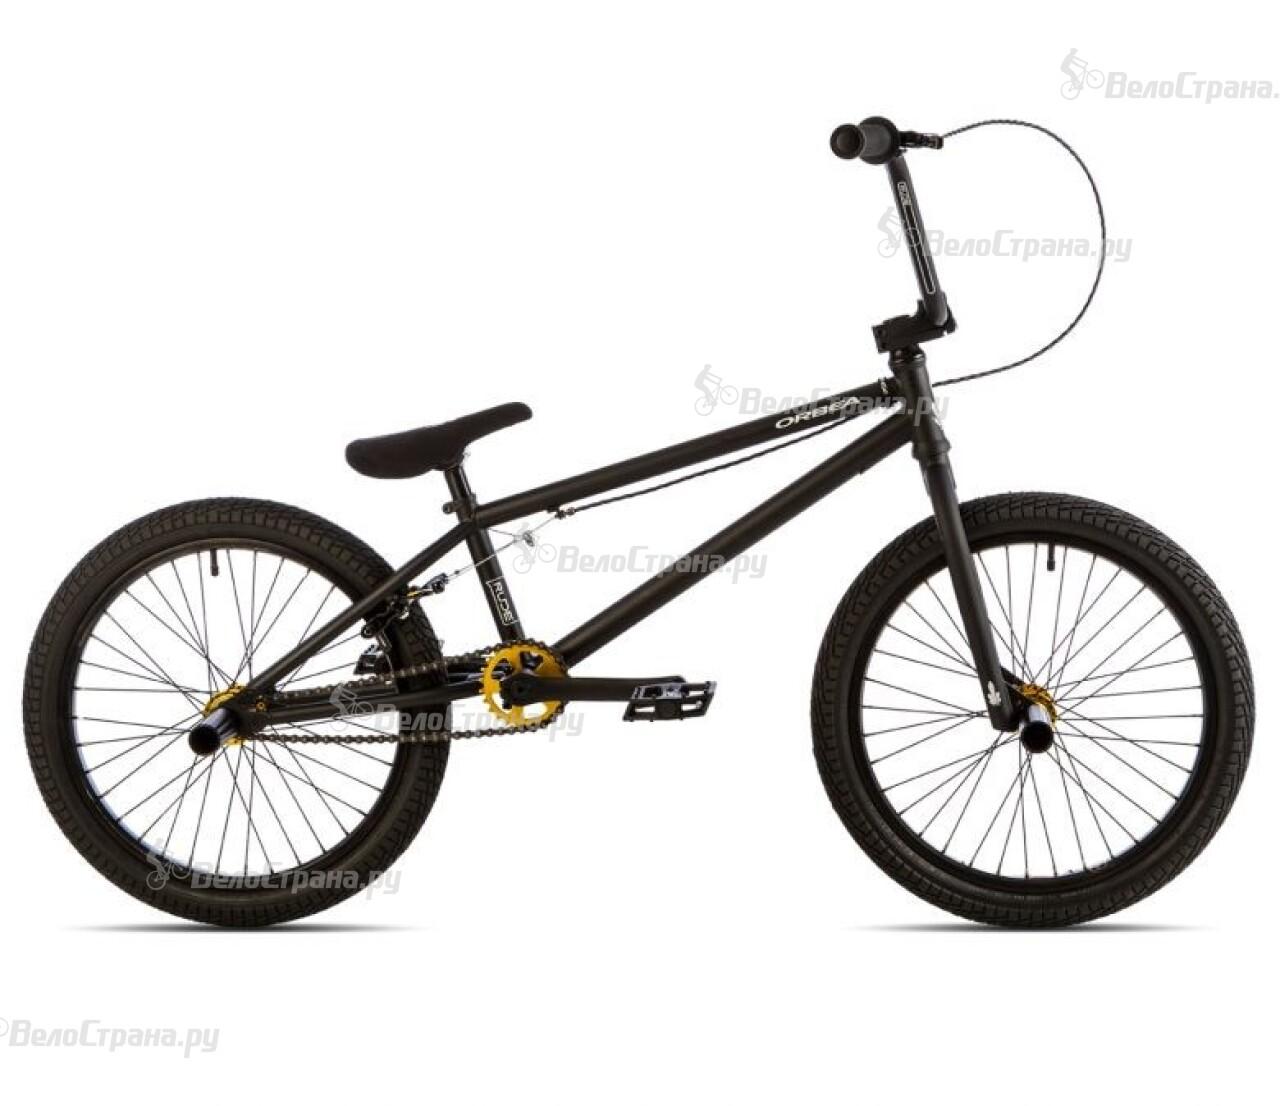 цена Велосипед Orbea Rude 10 (2014) онлайн в 2017 году